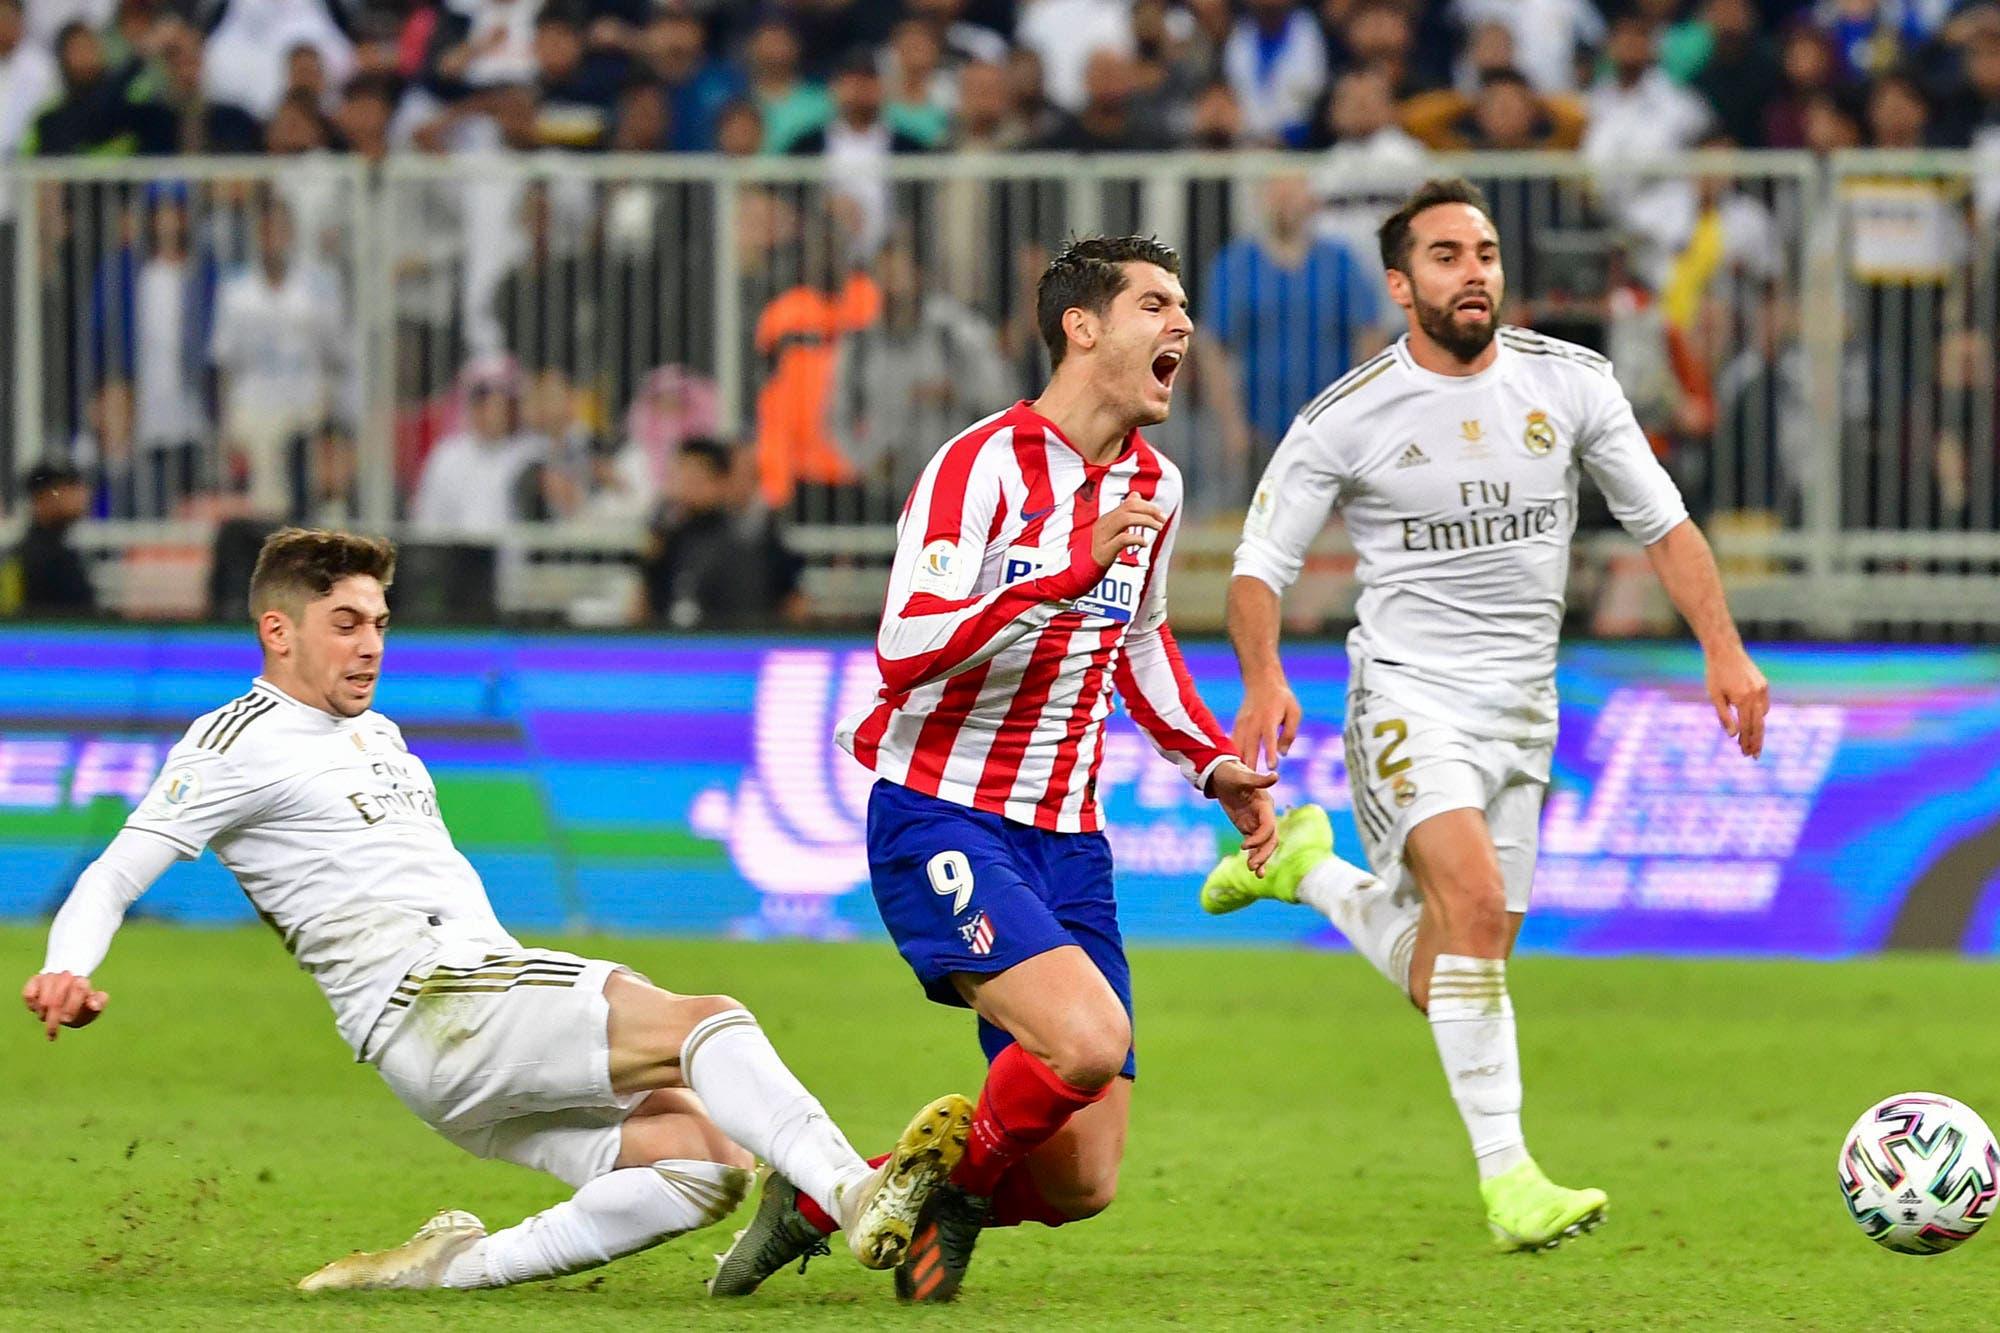 Una patada que vale un título: la acción de Federico Valverde le dio la Supercopa a Real Madrid